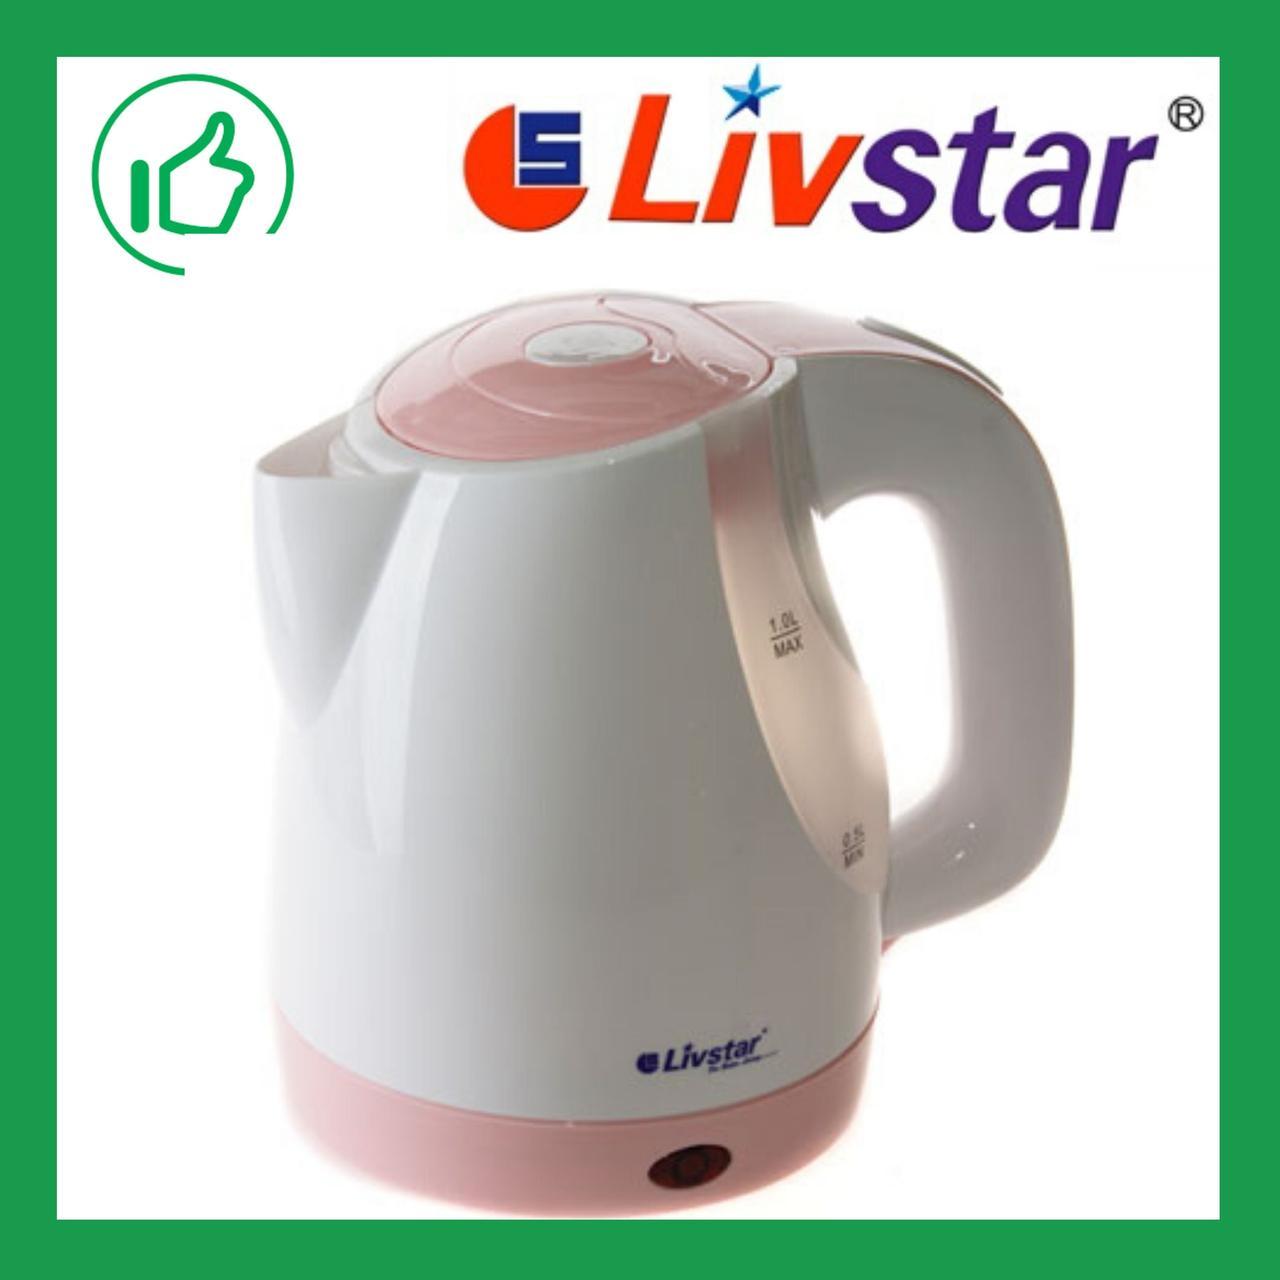 Электрочайник Livstar 1.0 л Бело-розовый (LSU-1140P)